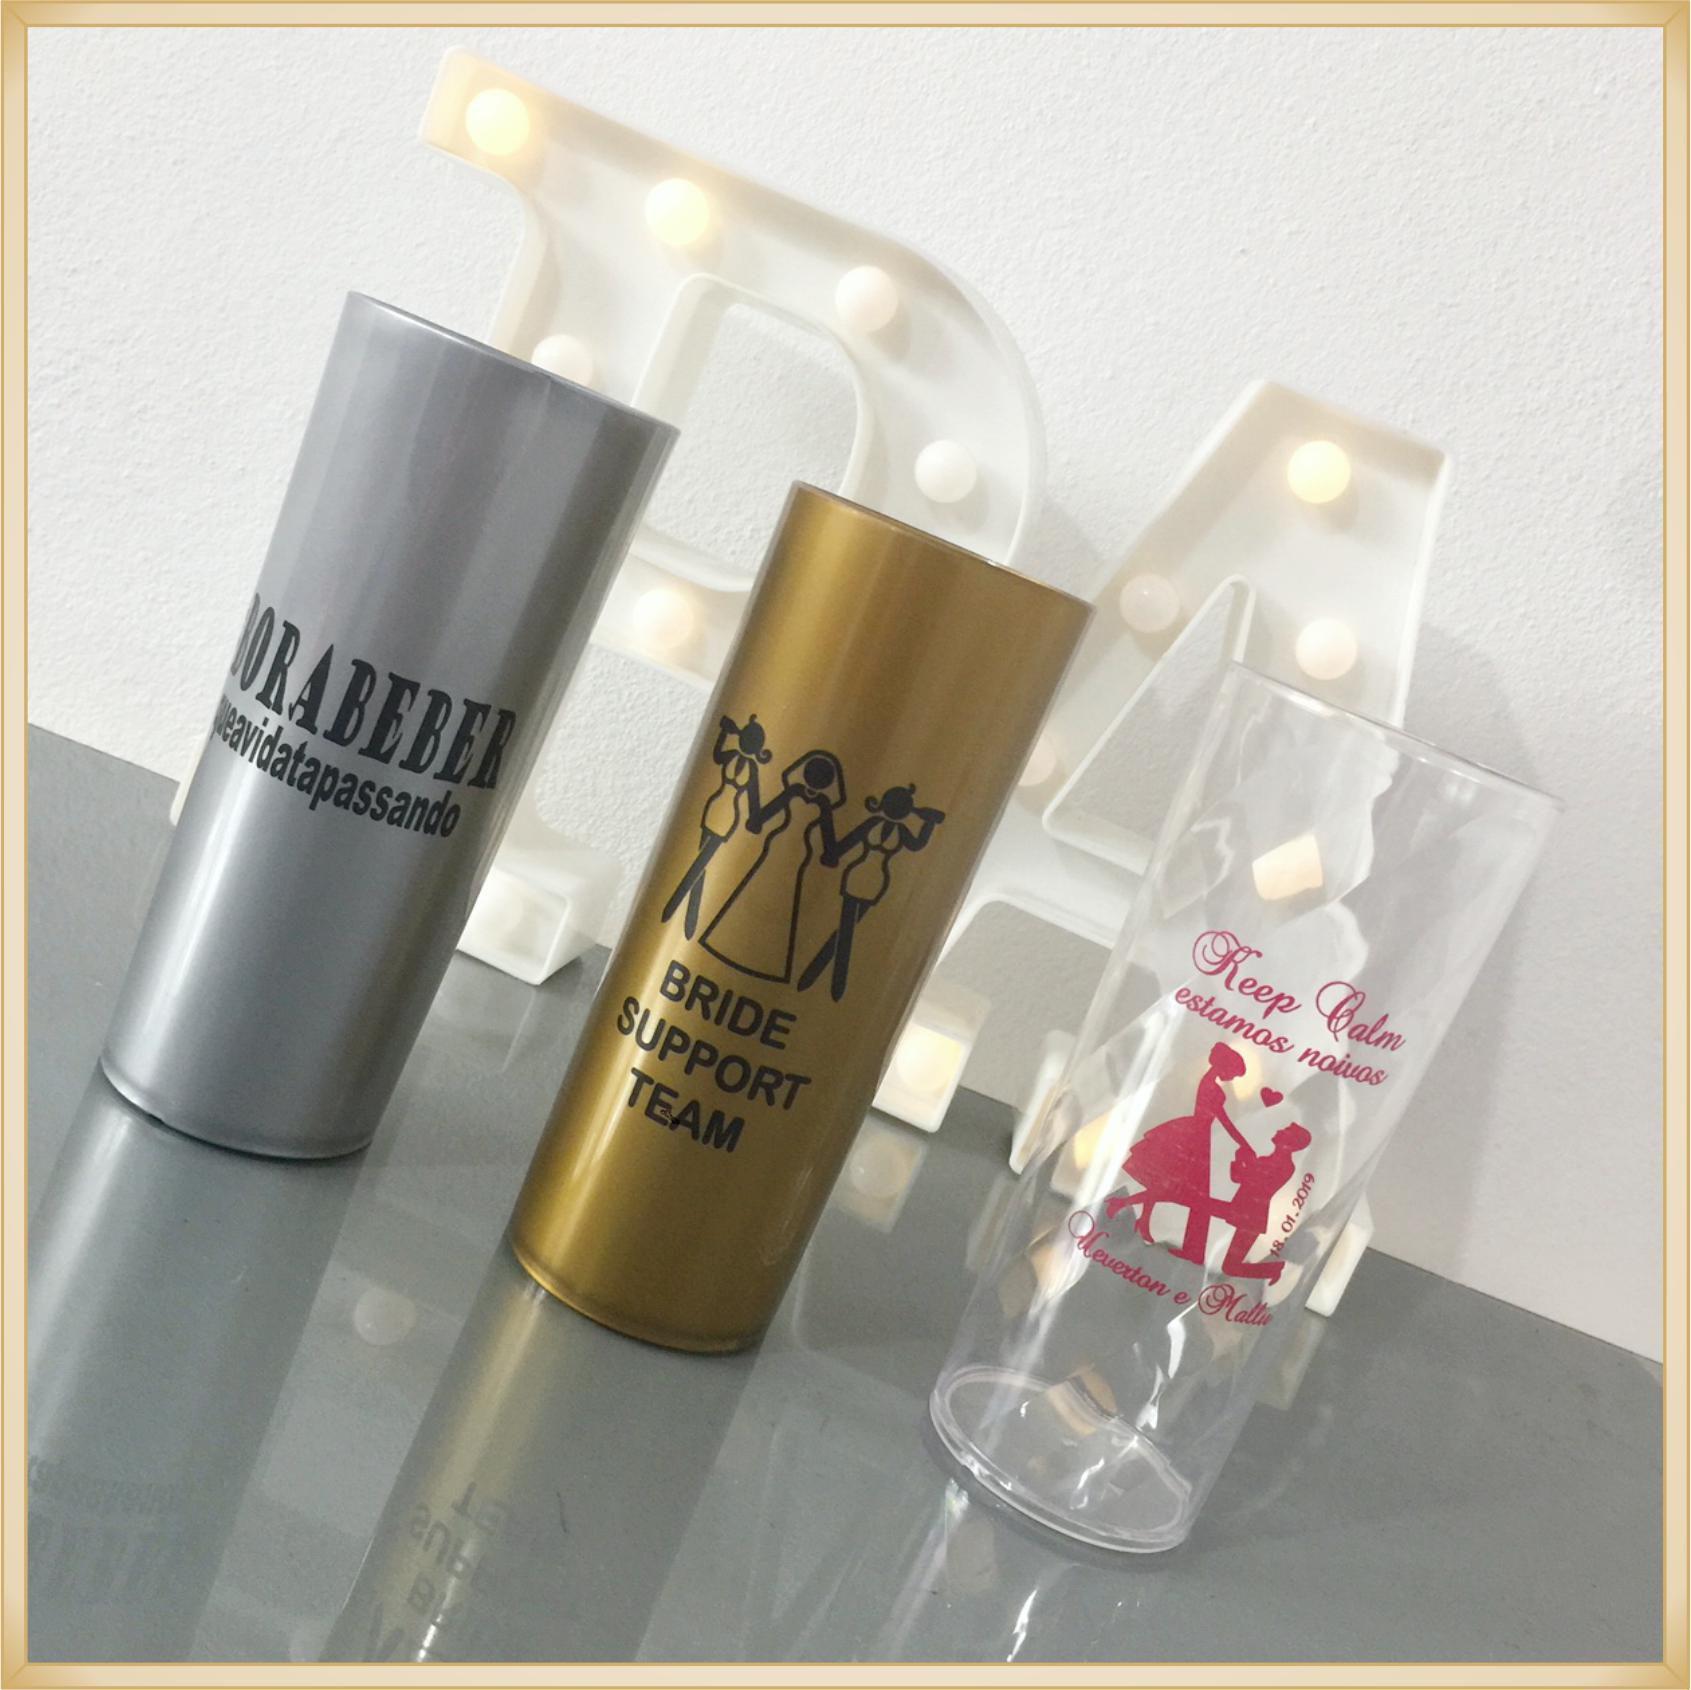 Copos long Drink Personalizados - estampas de qualidade, brilhante, ótimo acabamento, parede de 2,5 mm, resistente, 325 ml. - kit 30 unidades